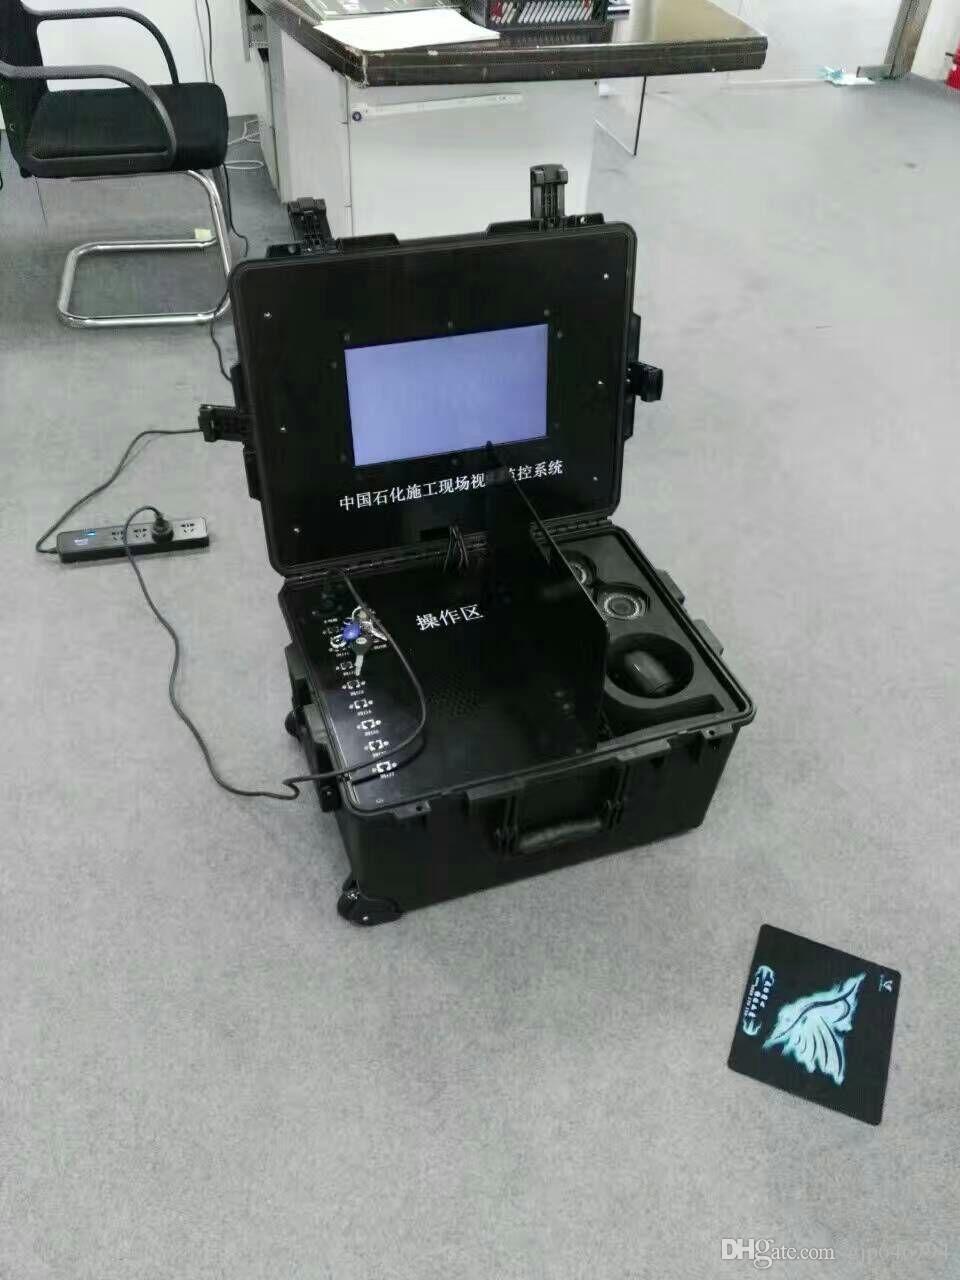 caja de instrumentos 2608 dimensión externa 570 * 418 * 228 mm Caja de equipo de seguridad a prueba de agua Caja a prueba de polvo con forro de espuma precortada